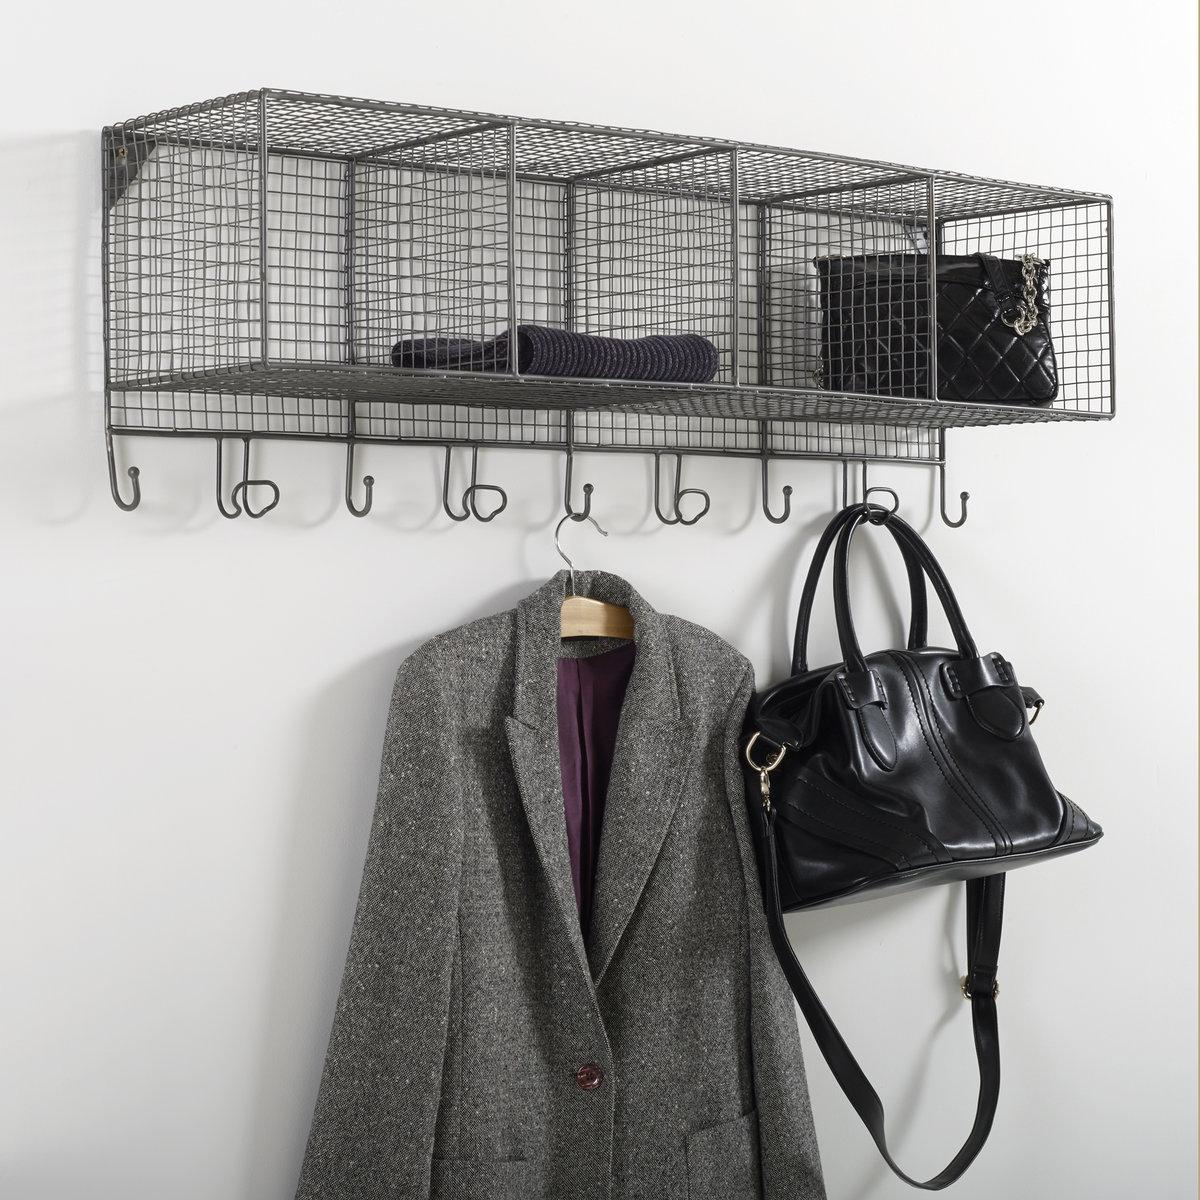 Вешалка-этажерка из металлической проволоки Aréglo от La Redoute